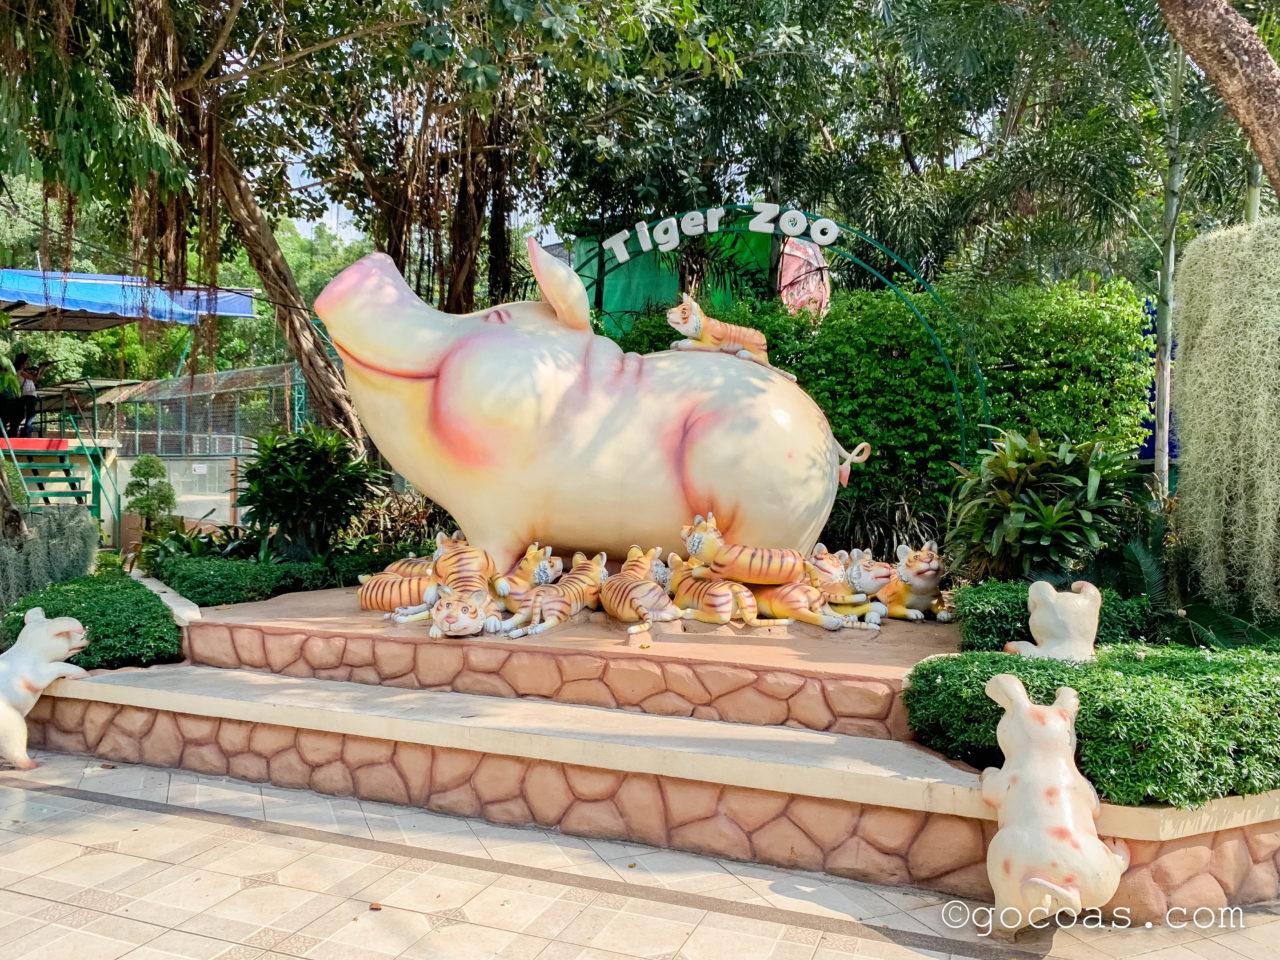 シラチャタイガーズーで豚のミルクを飲むトラの赤ちゃんの像